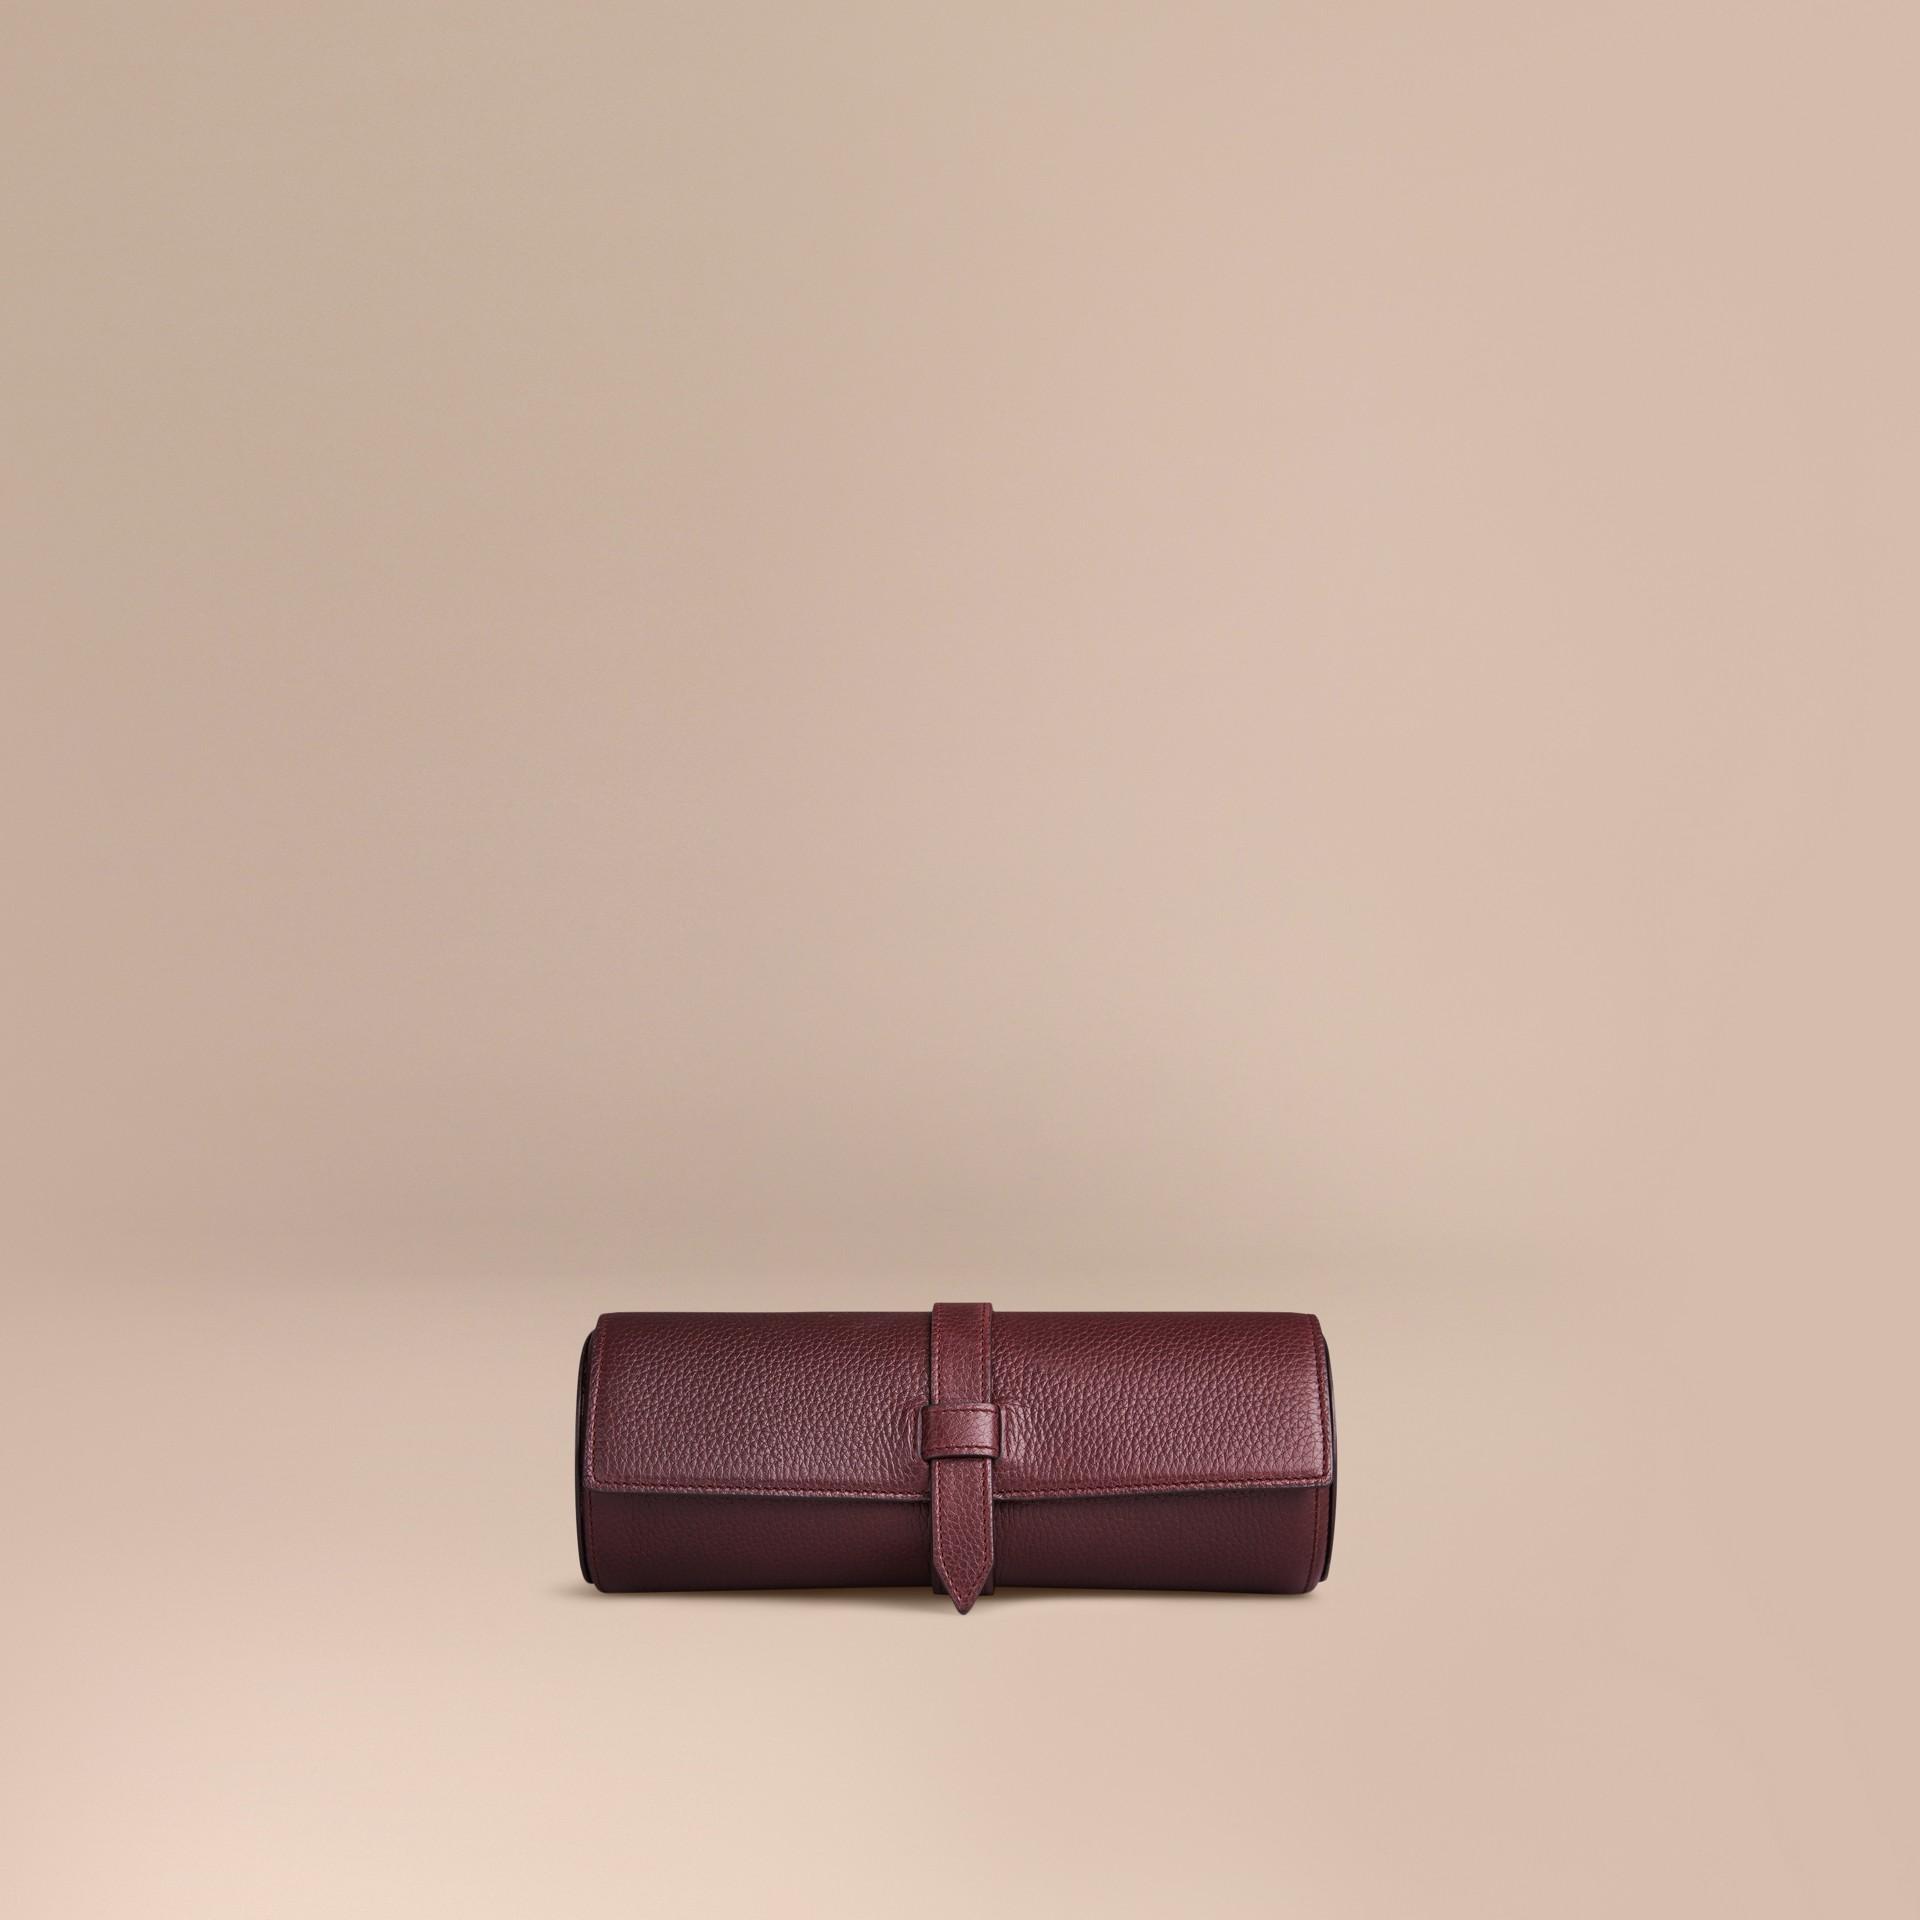 Rosso ebano Custodia per orologi in pelle a grana Rosso Ebano - immagine della galleria 1